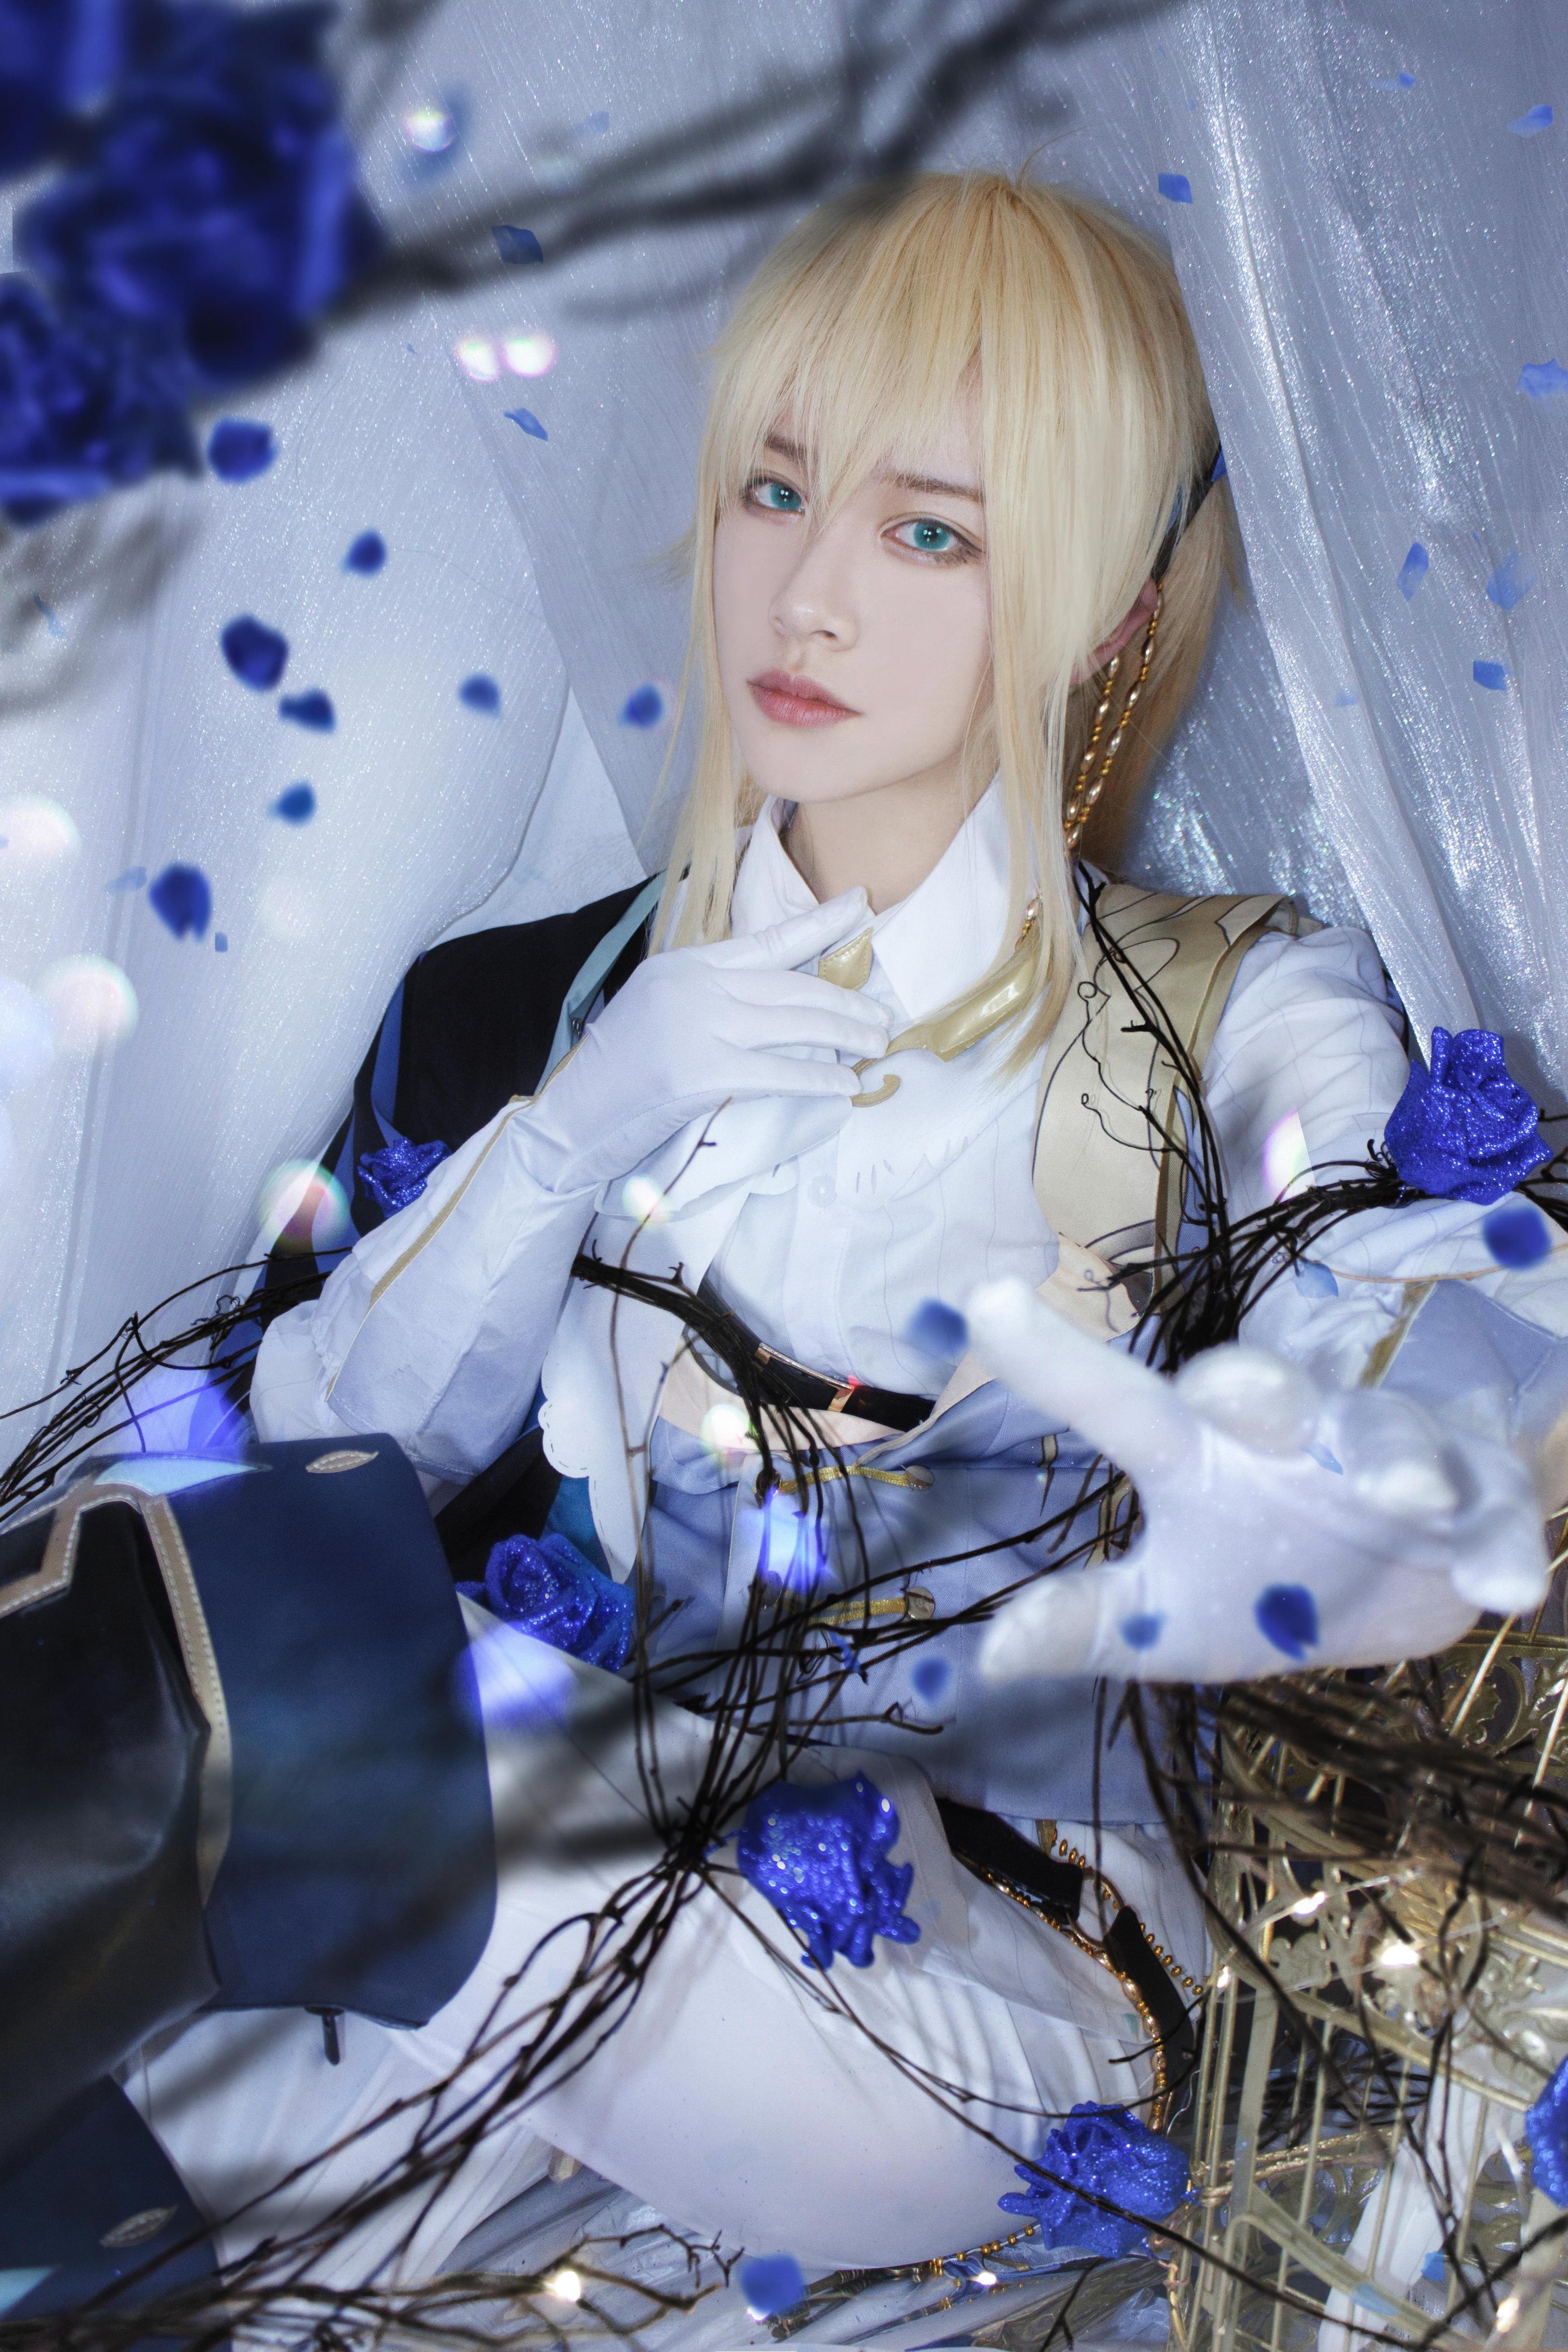 《时空中的绘旅人》游戏cosplay【CN:琴凰】-第1张